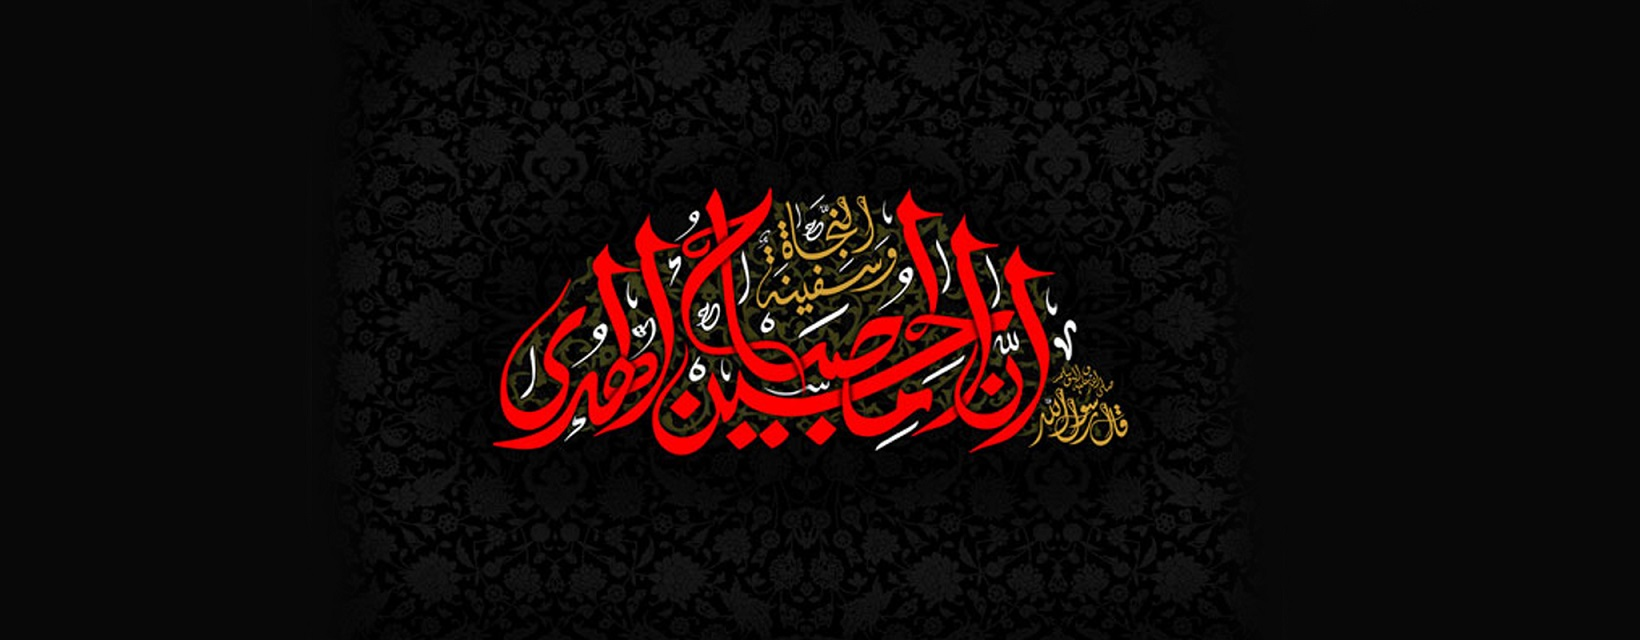 السلام علیک یا أبا عبدالله (ع)